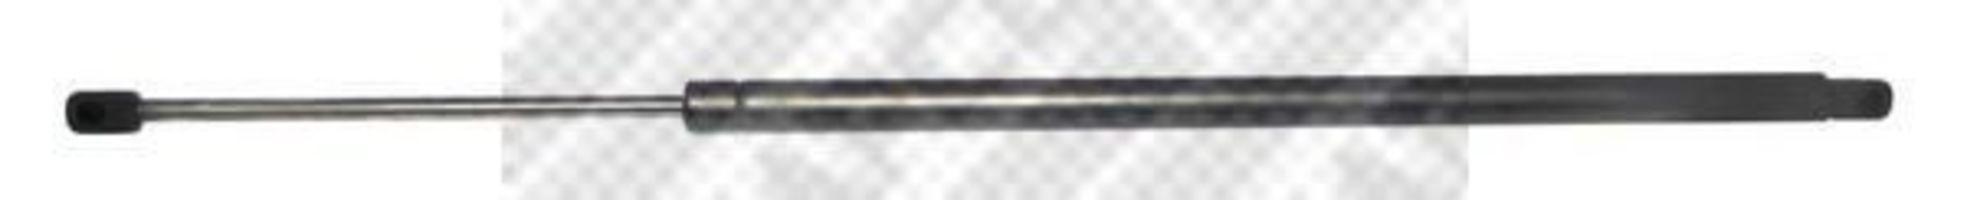 Газовая пружина, крышка багажник MAPCO 20882